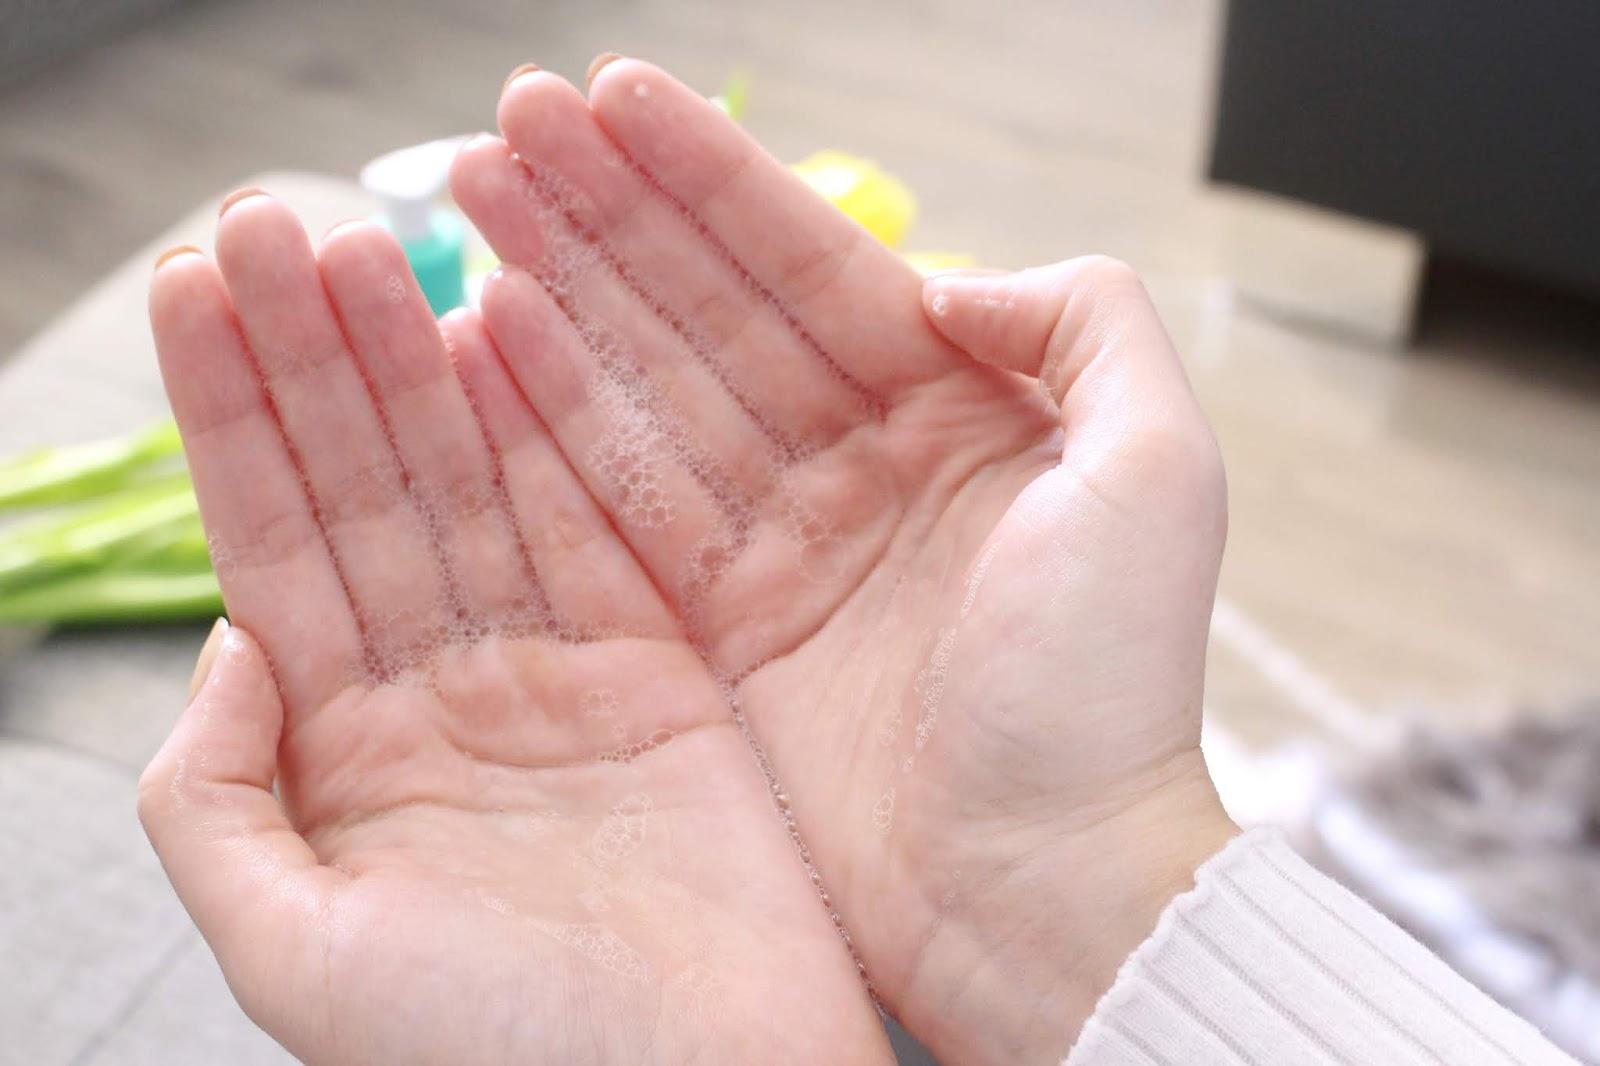 pripravky proti akne, vyrazky, recenzia, review, gel cleanser